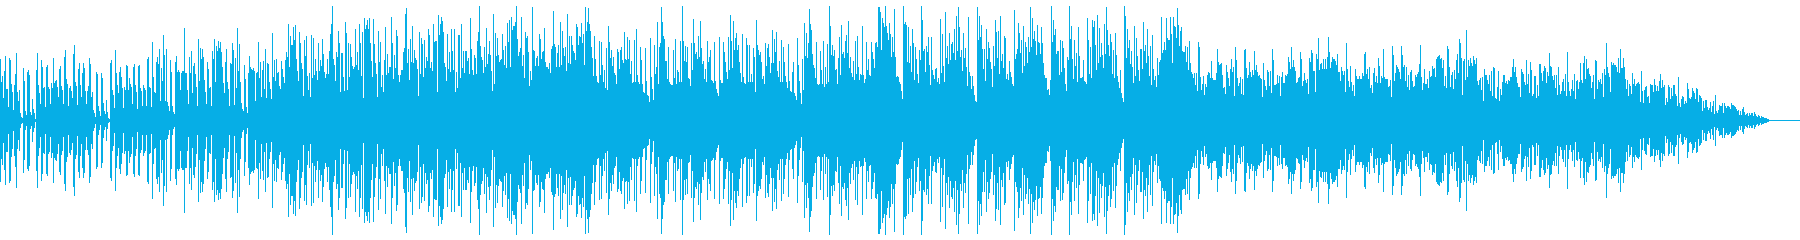 きらきらしたエレクトロニカの再生済みの波形